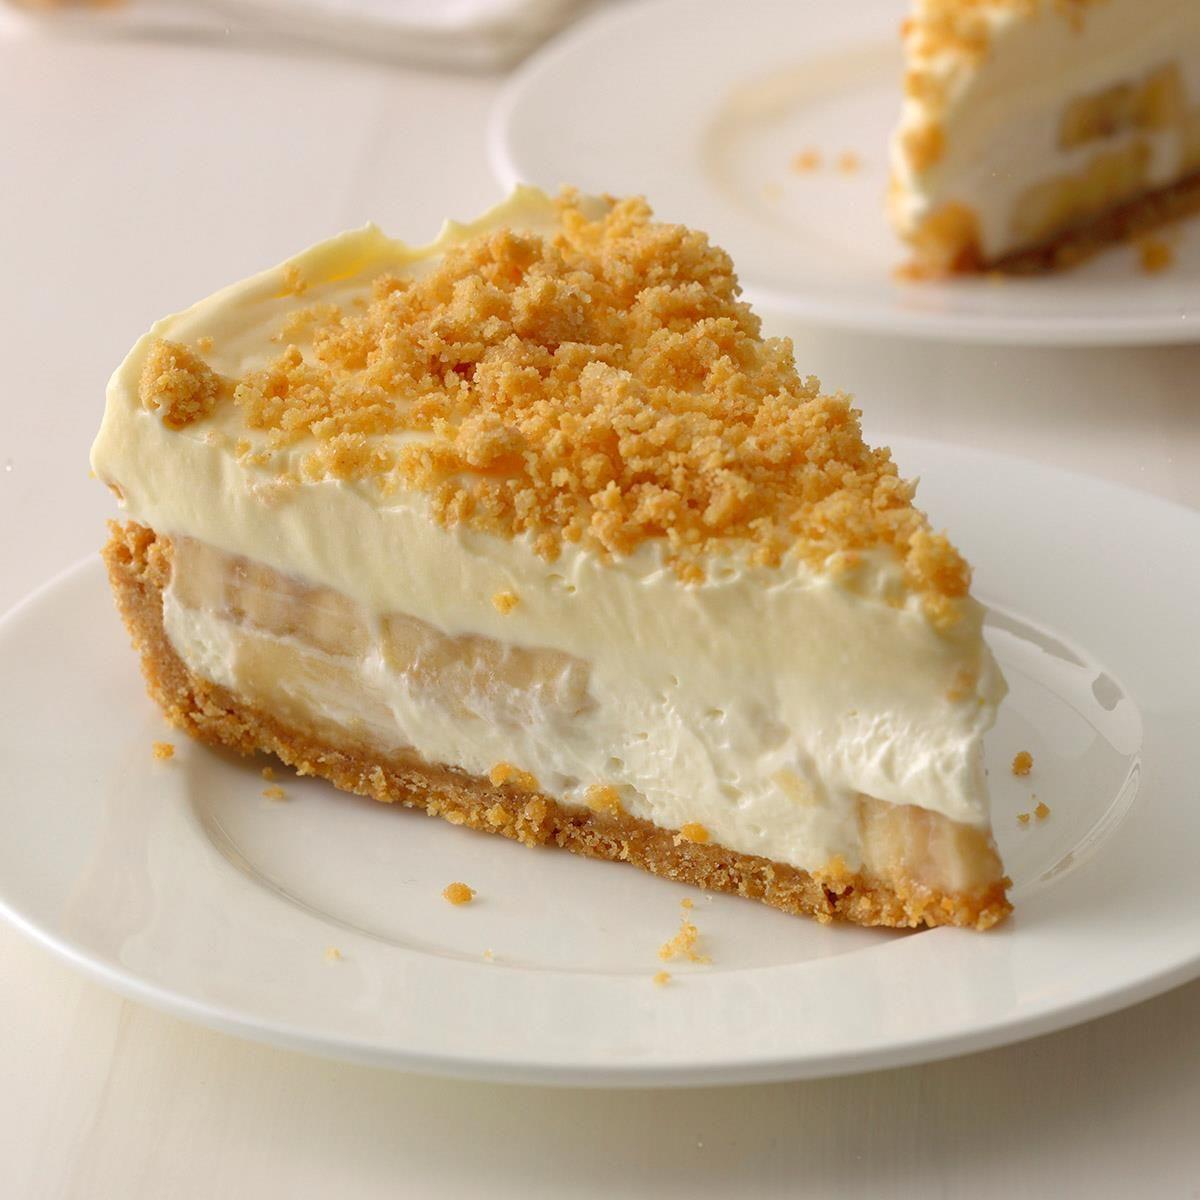 Banana cream cheesecake recipe desserts banana cream